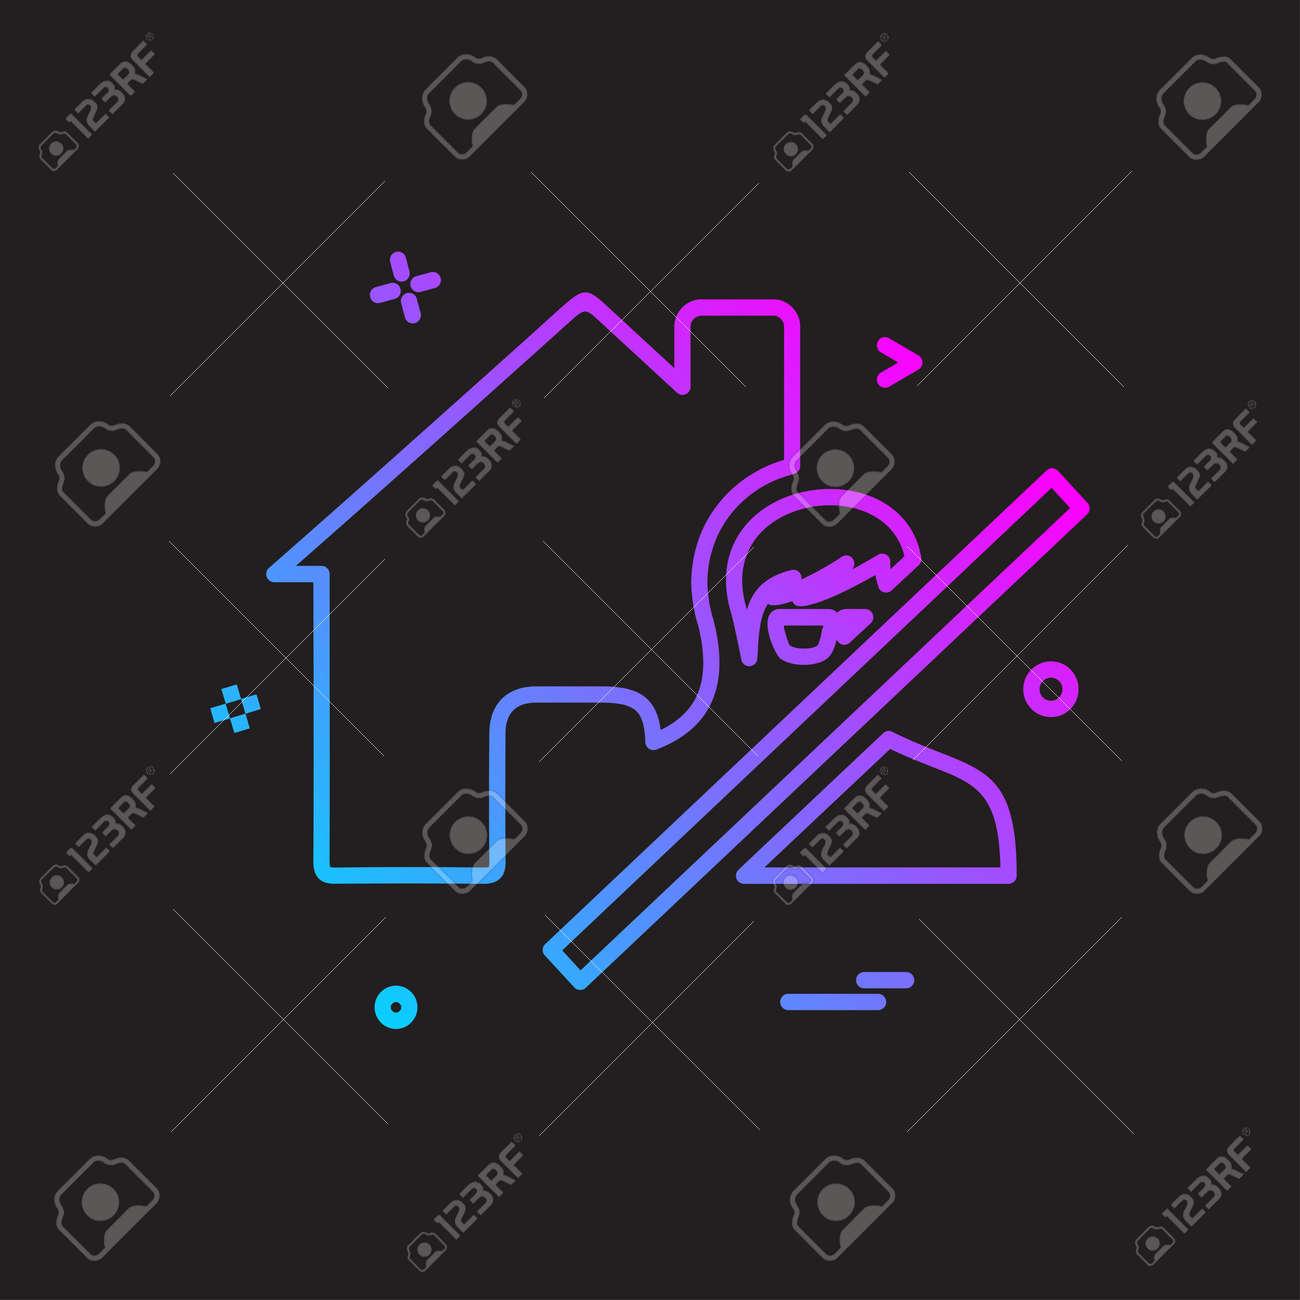 House icon design vector - 122160317